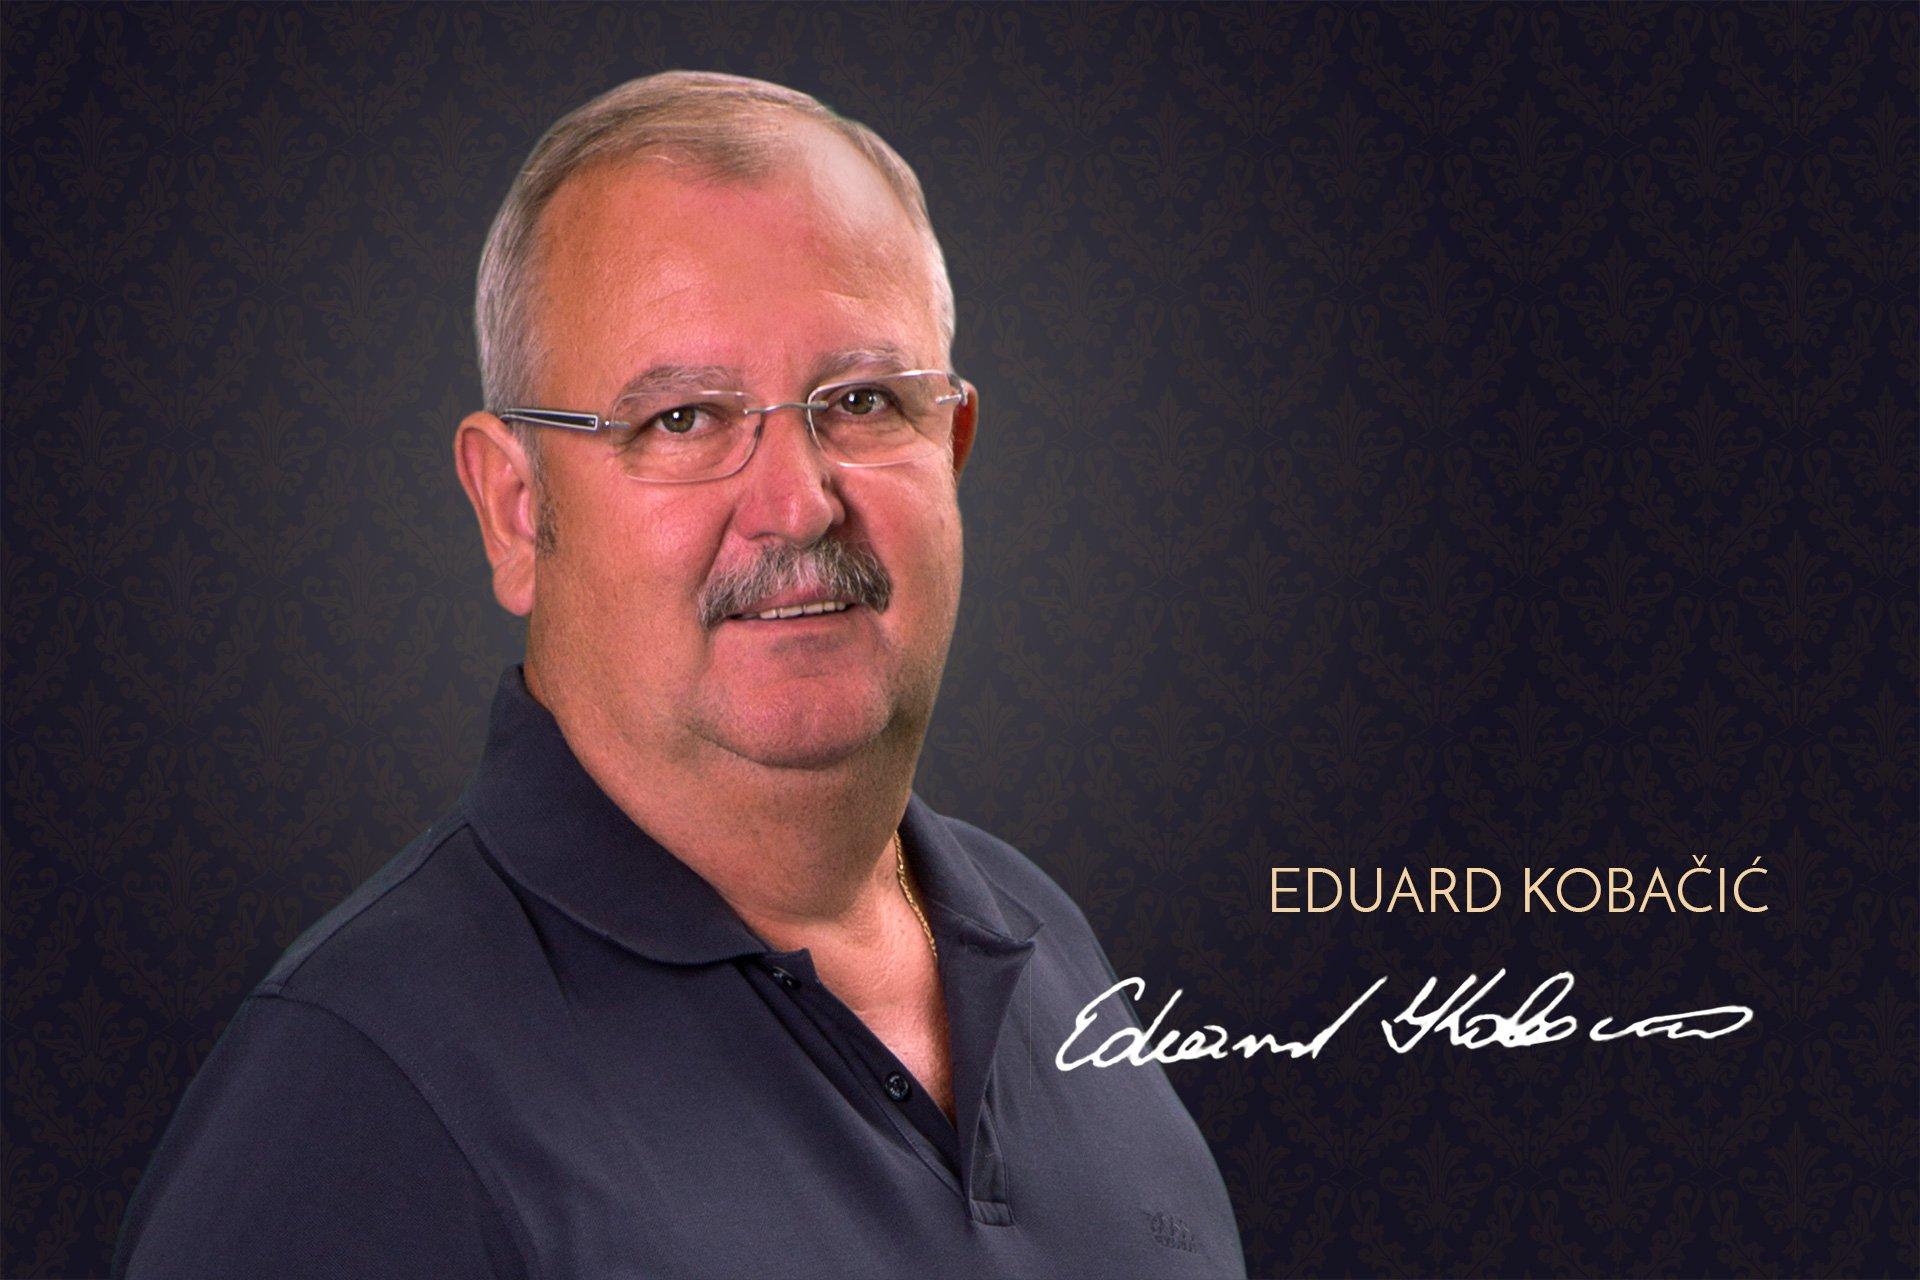 Eduard Kobačić